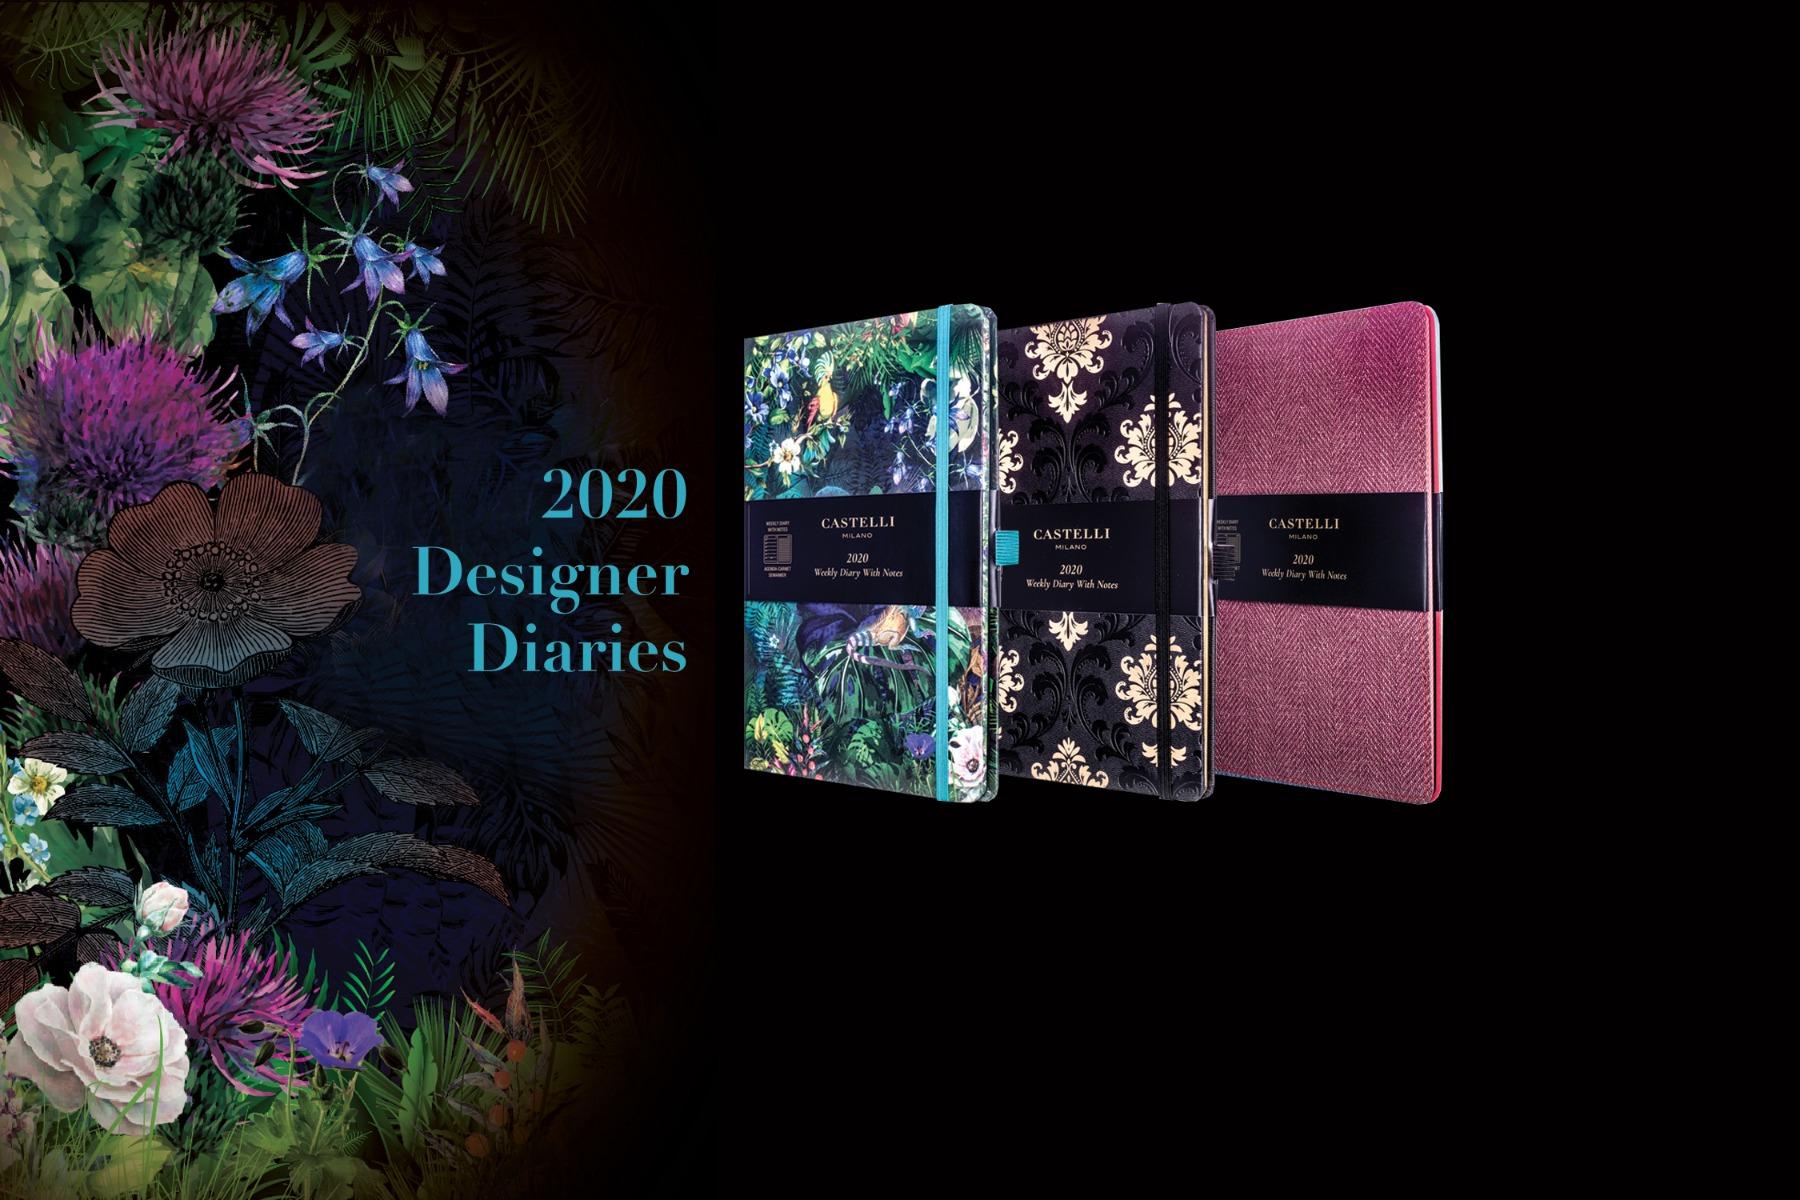 Designer 2020 diaries